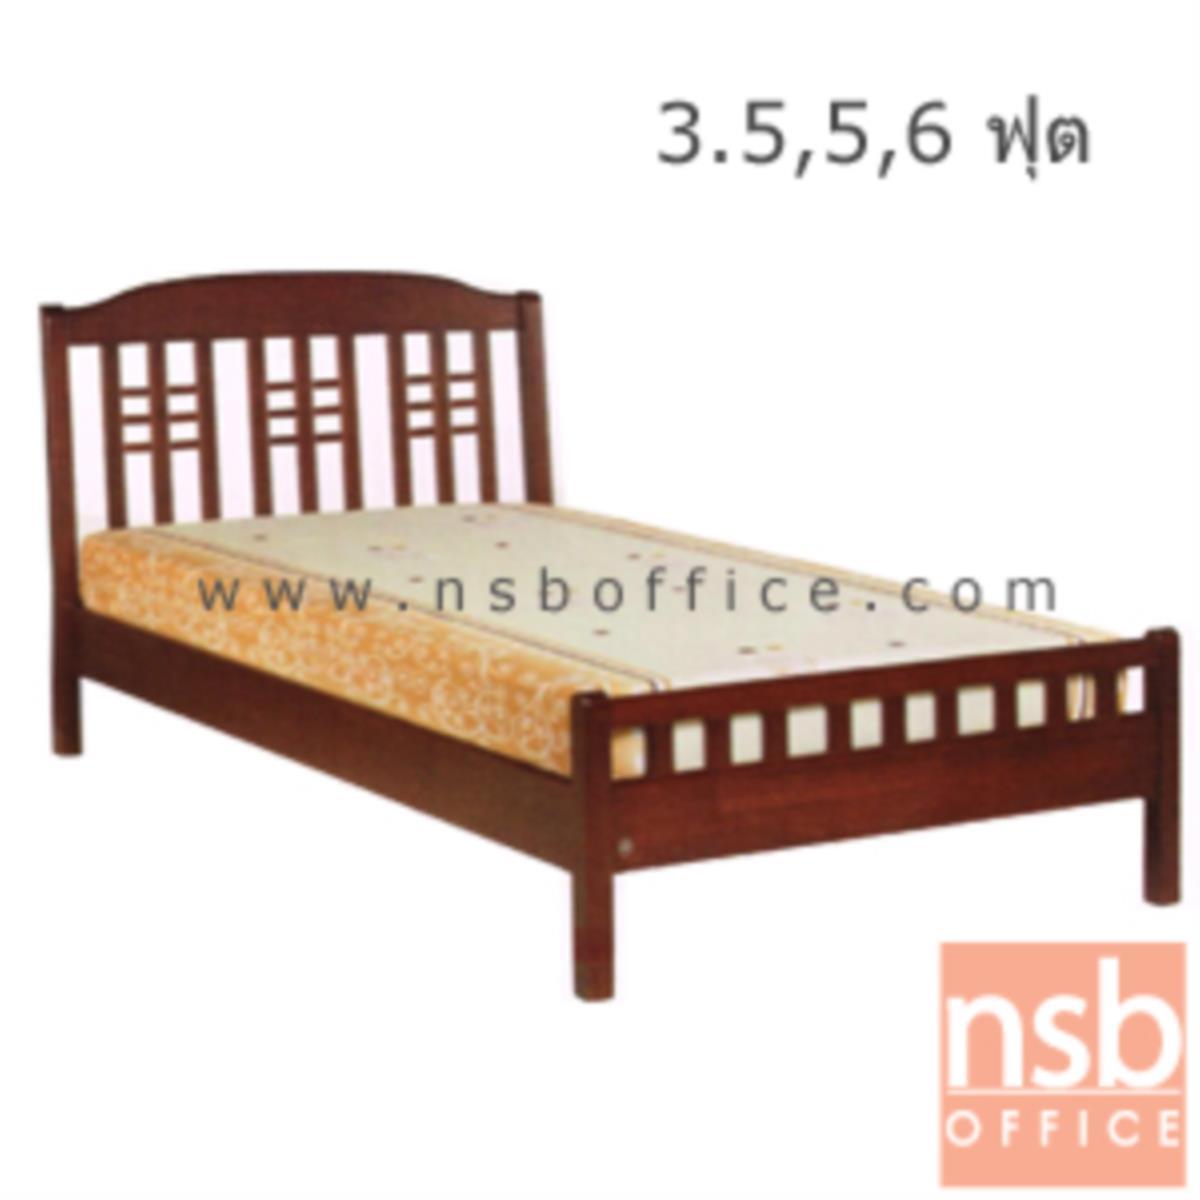 G11A094:เตียงไม้ยางพาราล้วน 3.5 , 5 และ 6 ฟุต หัวเตียงไม้ระแนงตั้งคาดแนวนอน รุ่น DINASTY-FU